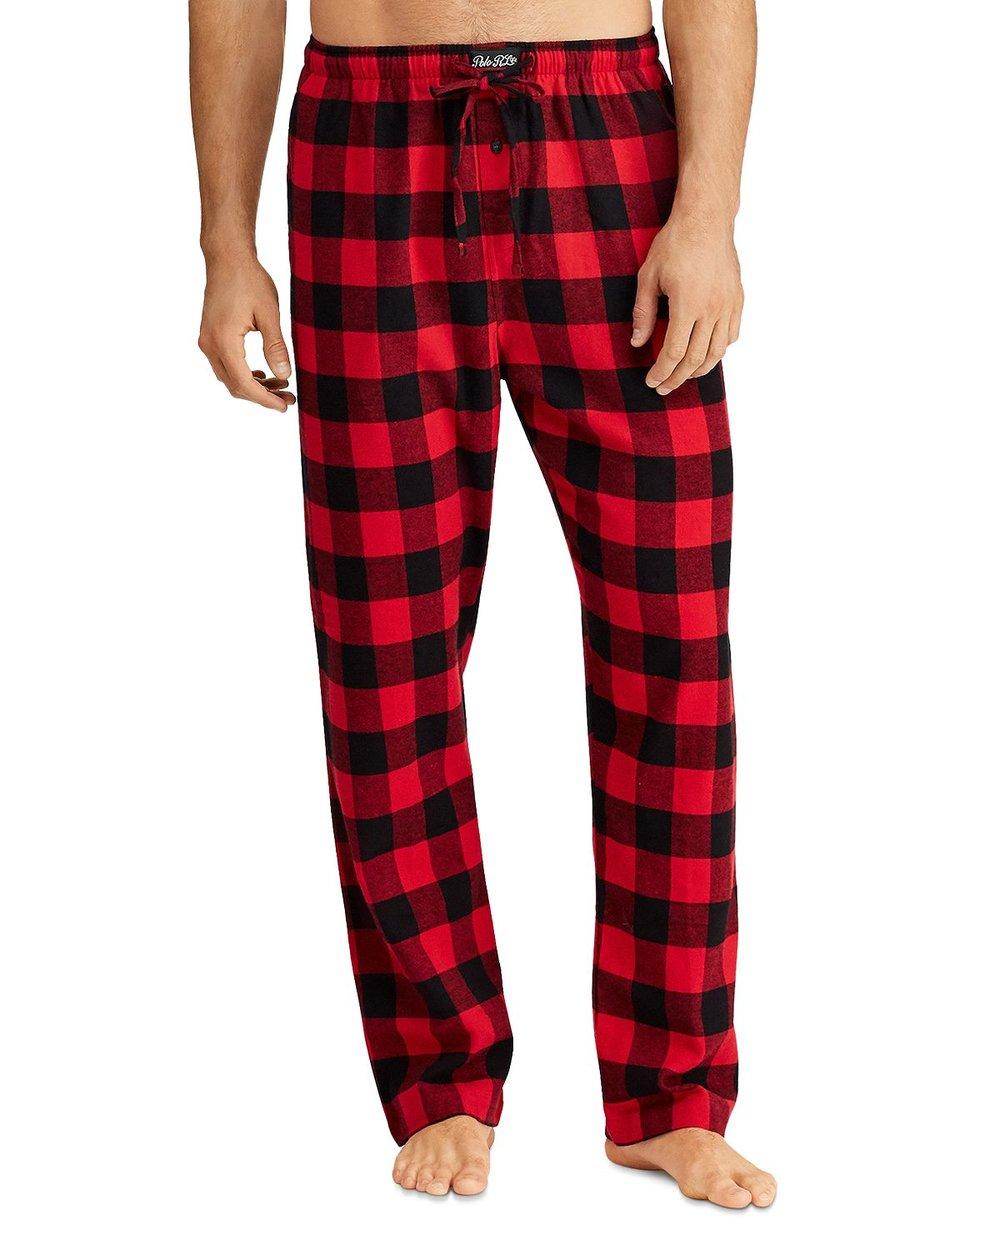 ralph lauren checkered pj pants.jpg